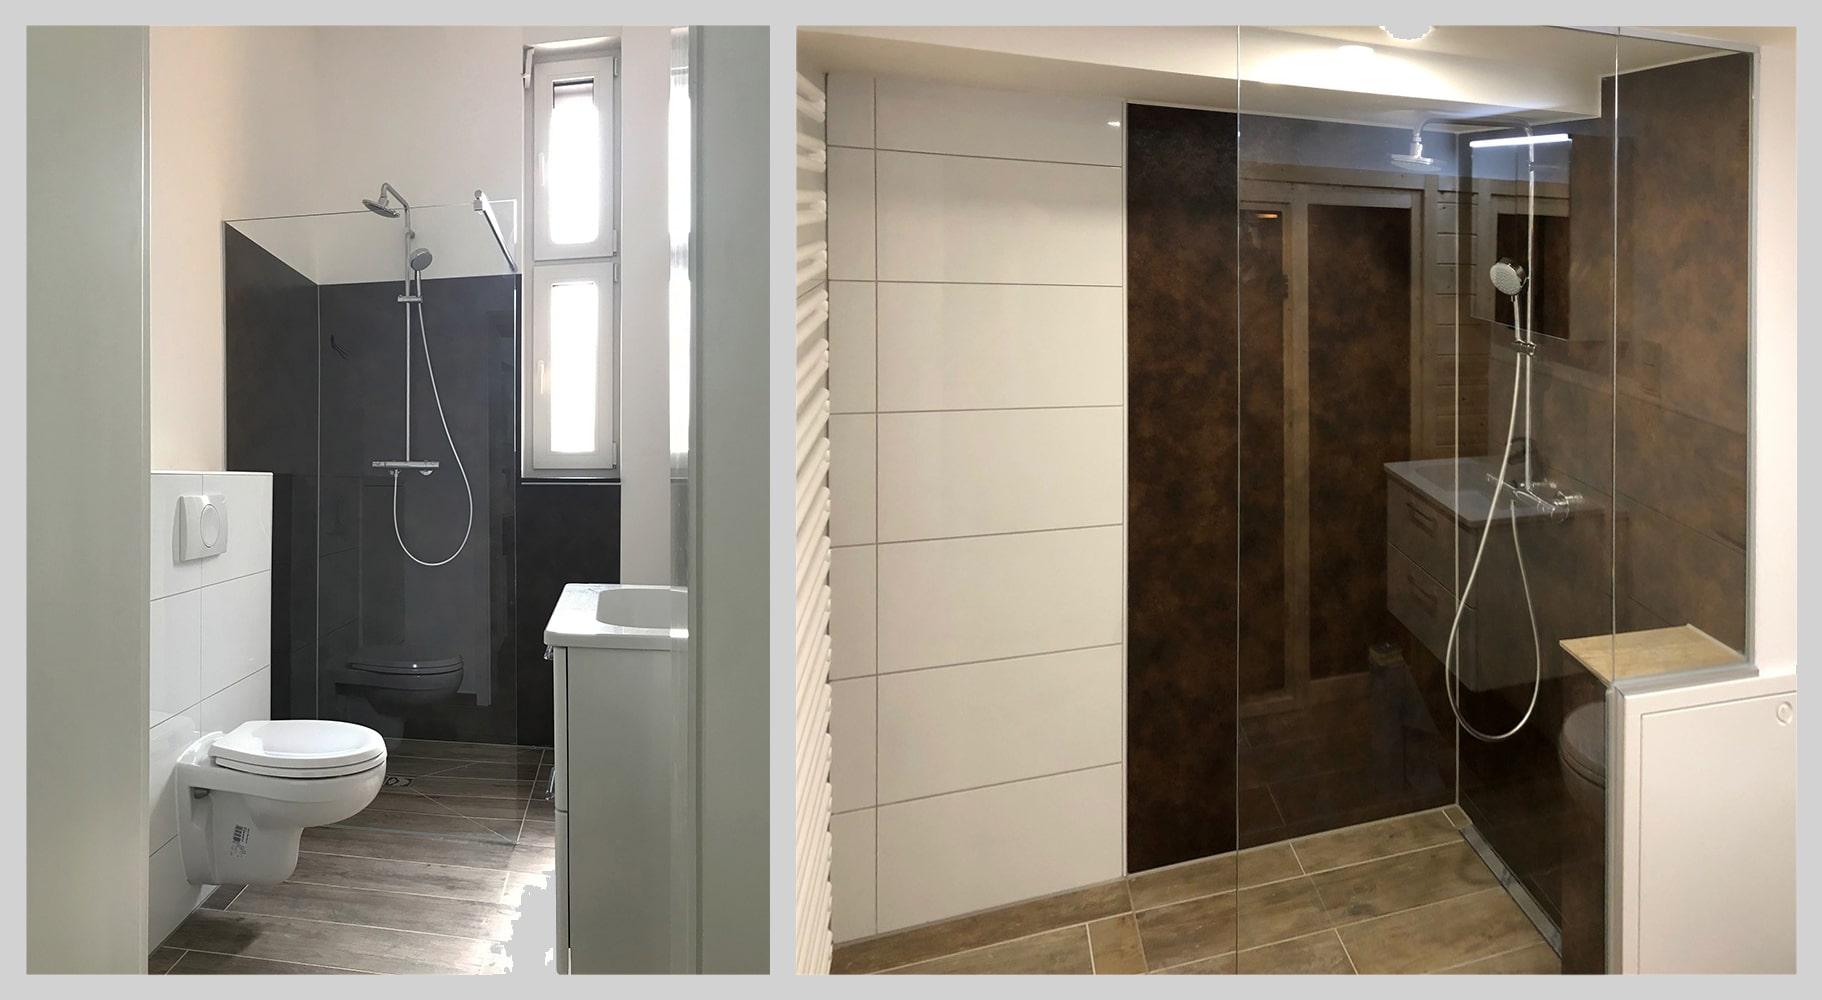 Baddesign Modernisierung Ausbau Immobilien · Architekt / Architekturbüro Schopow Köln Bonn, AKNW